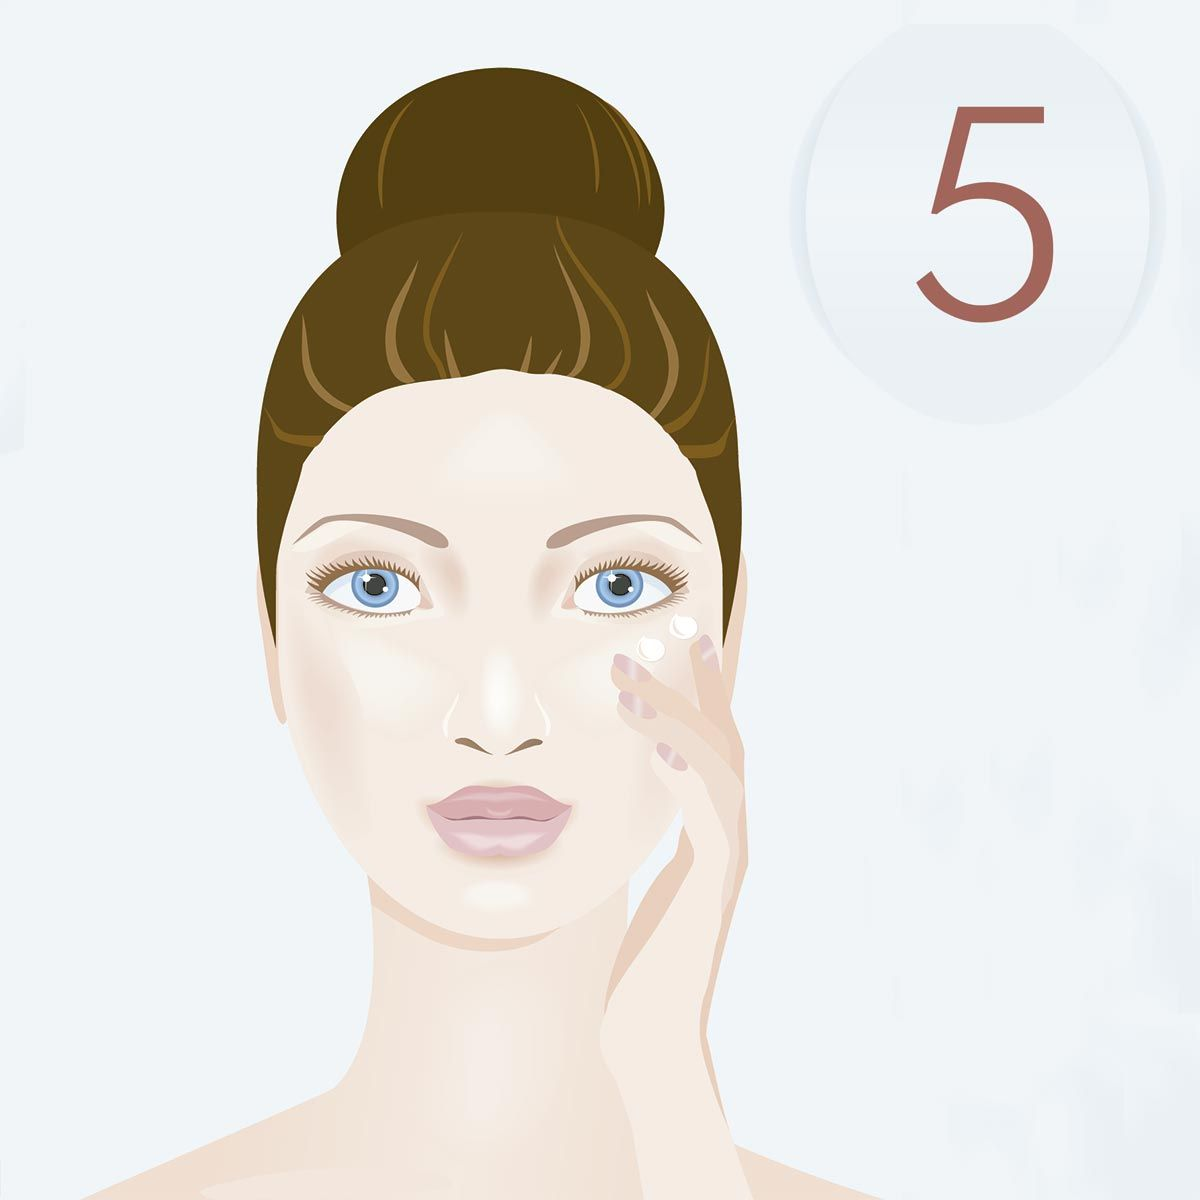 cuidado facial - paso 5